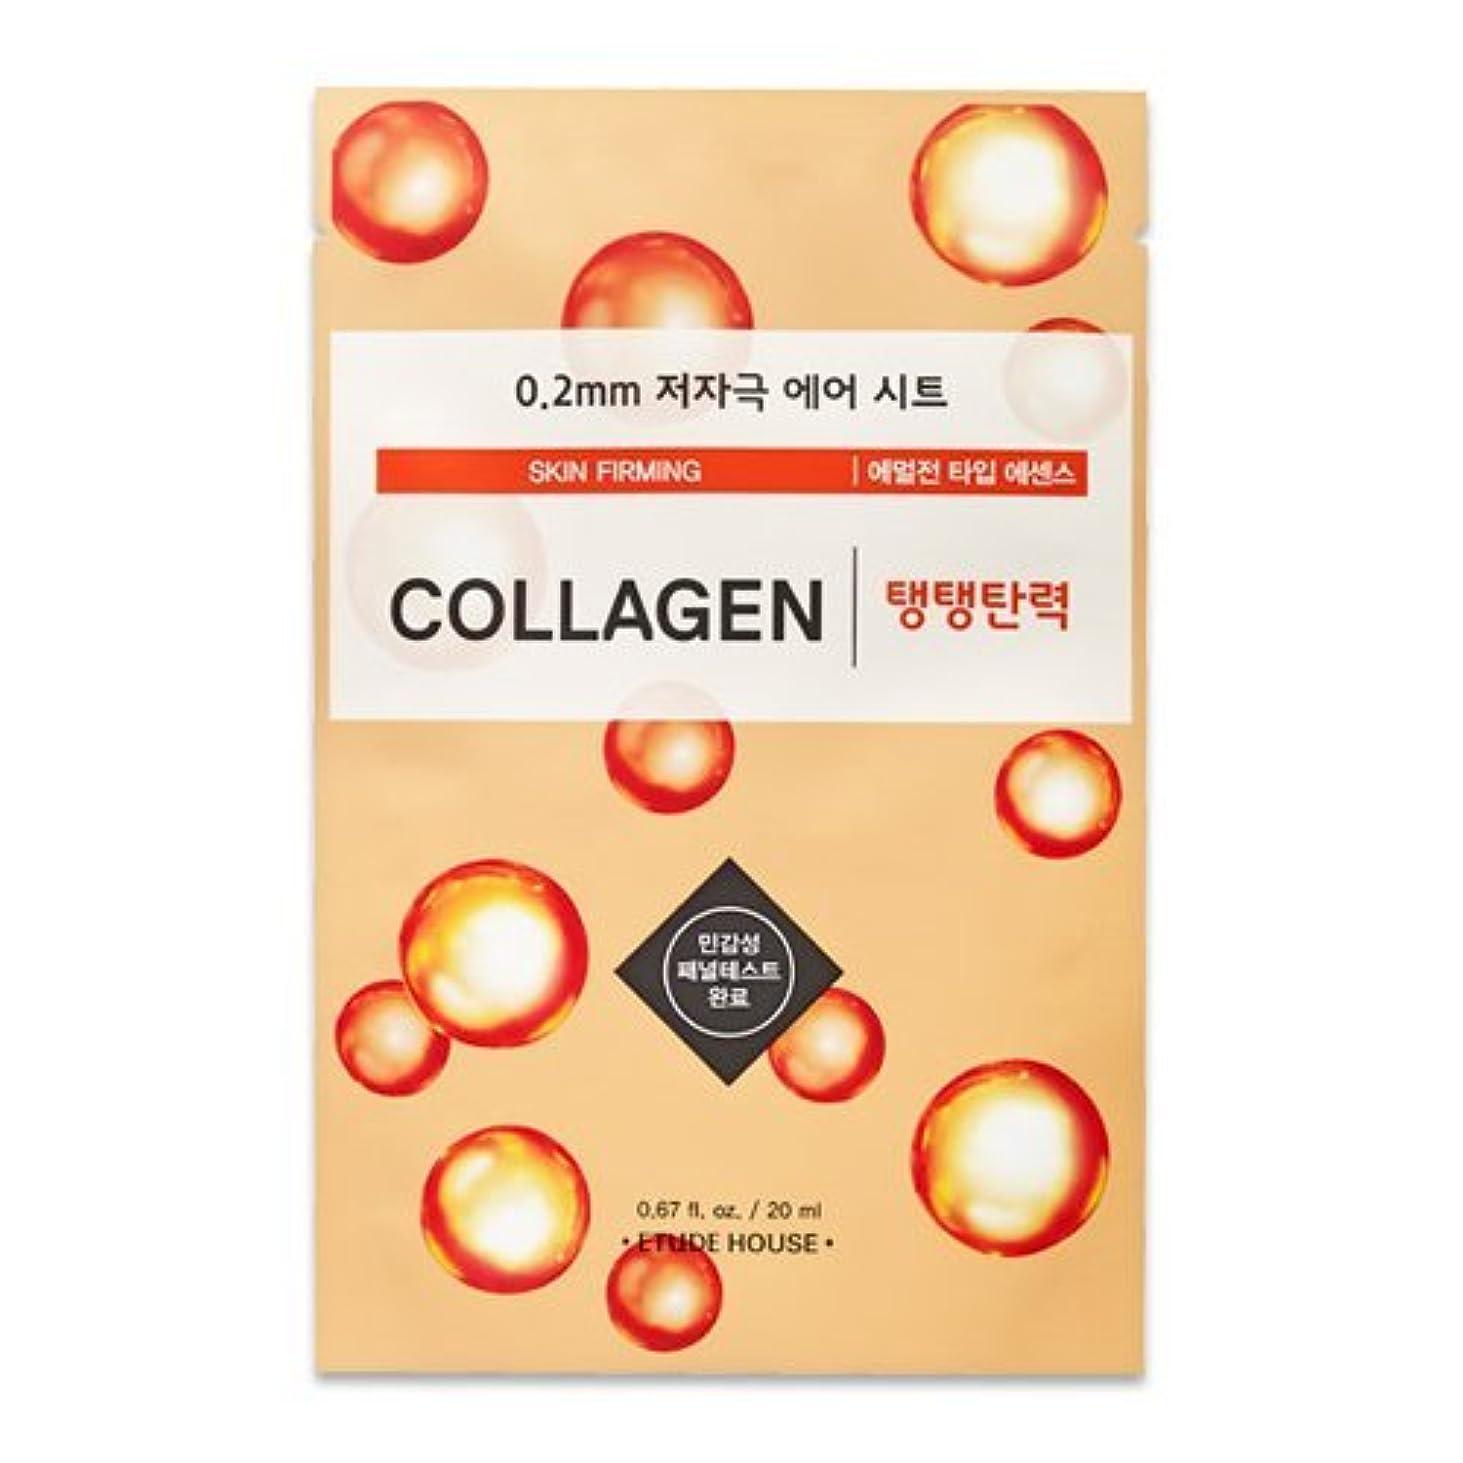 請求可能西部機関ETUDE HOUSE 0.2 Therapy Air Mask 20ml×10ea (#12 Collagen)/エチュードハウス 0.2 セラピー エア マスク 20ml×10枚 (#12 Collagen)